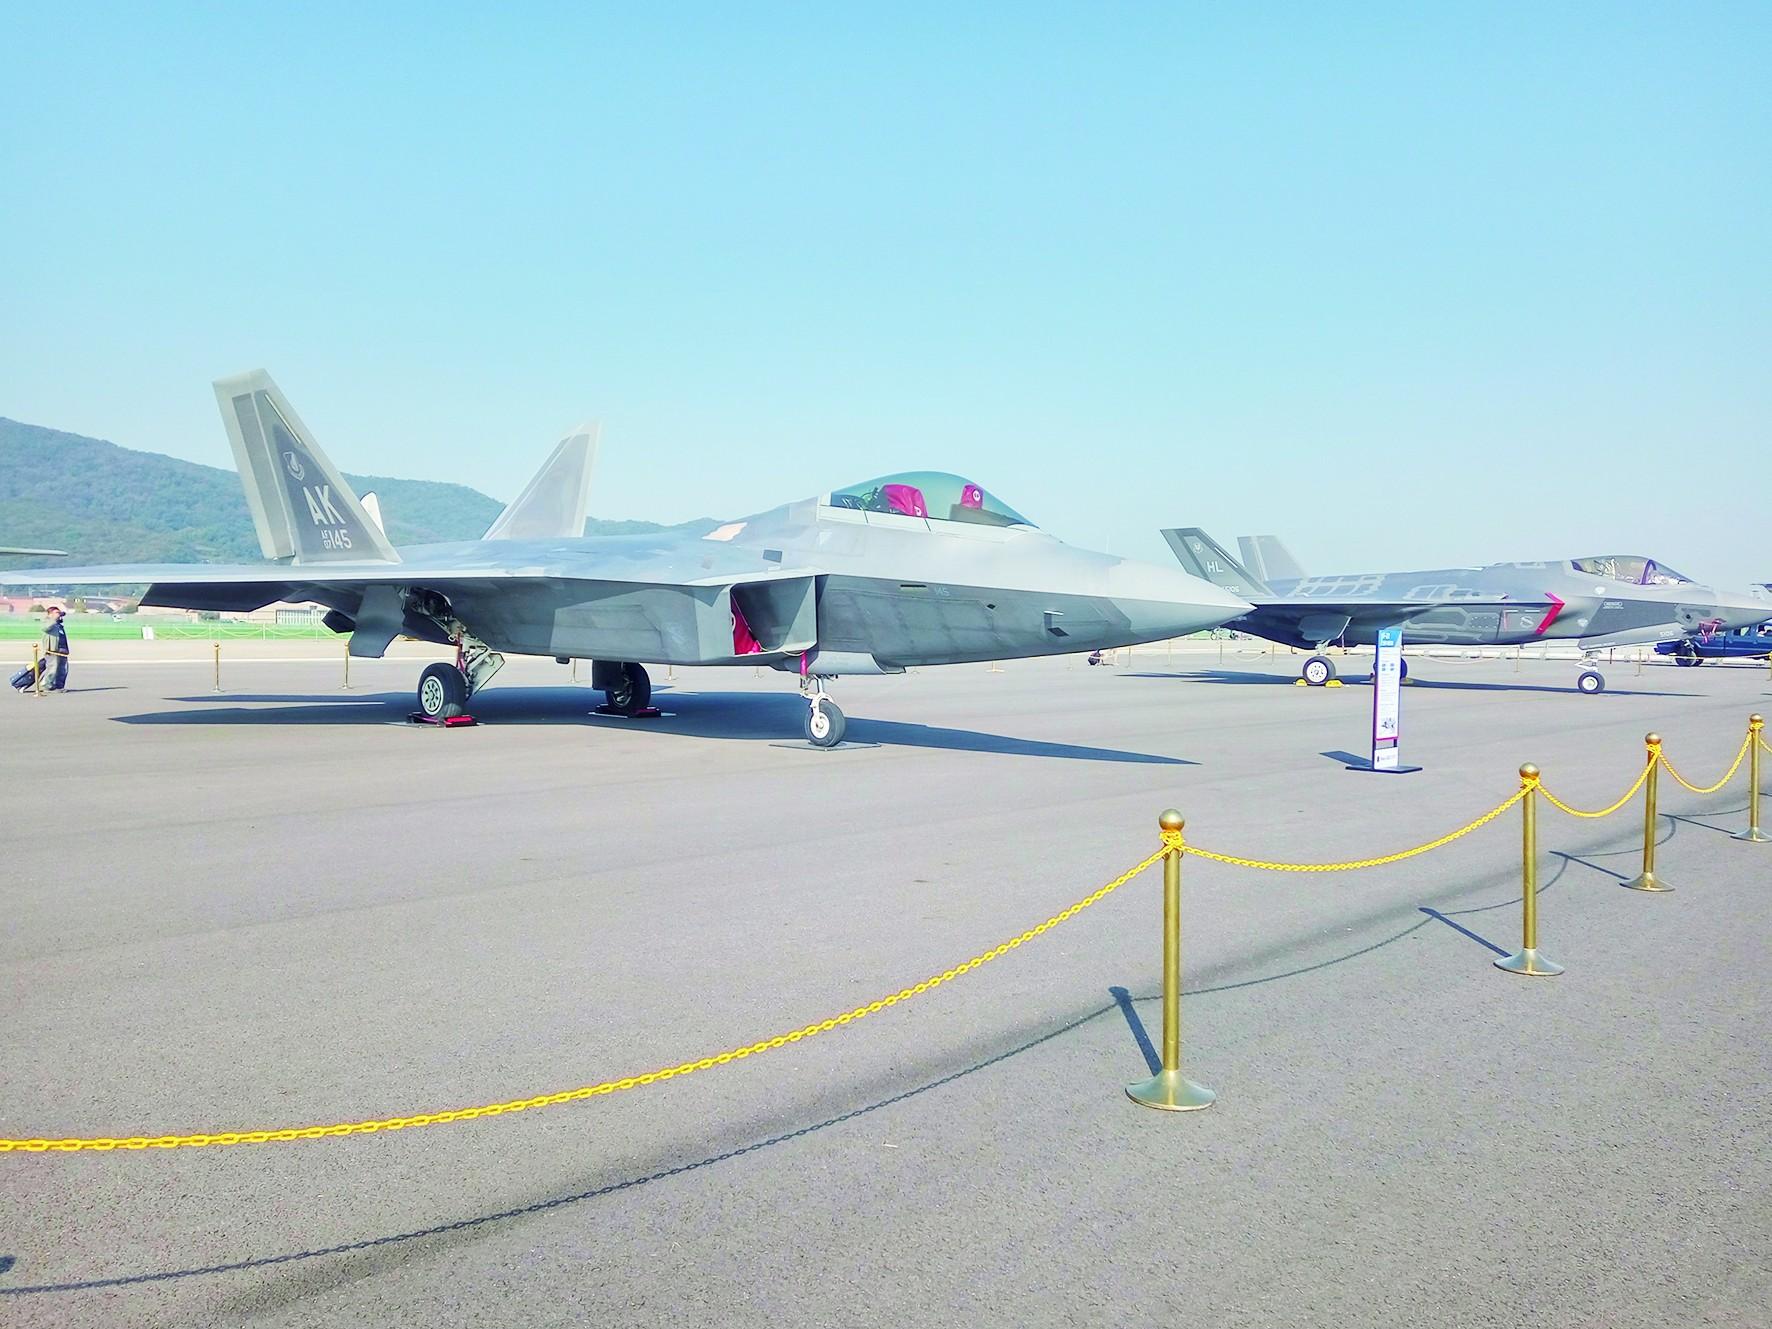 首尔航展美韩炫耀战略武器 F22、F35携手登场